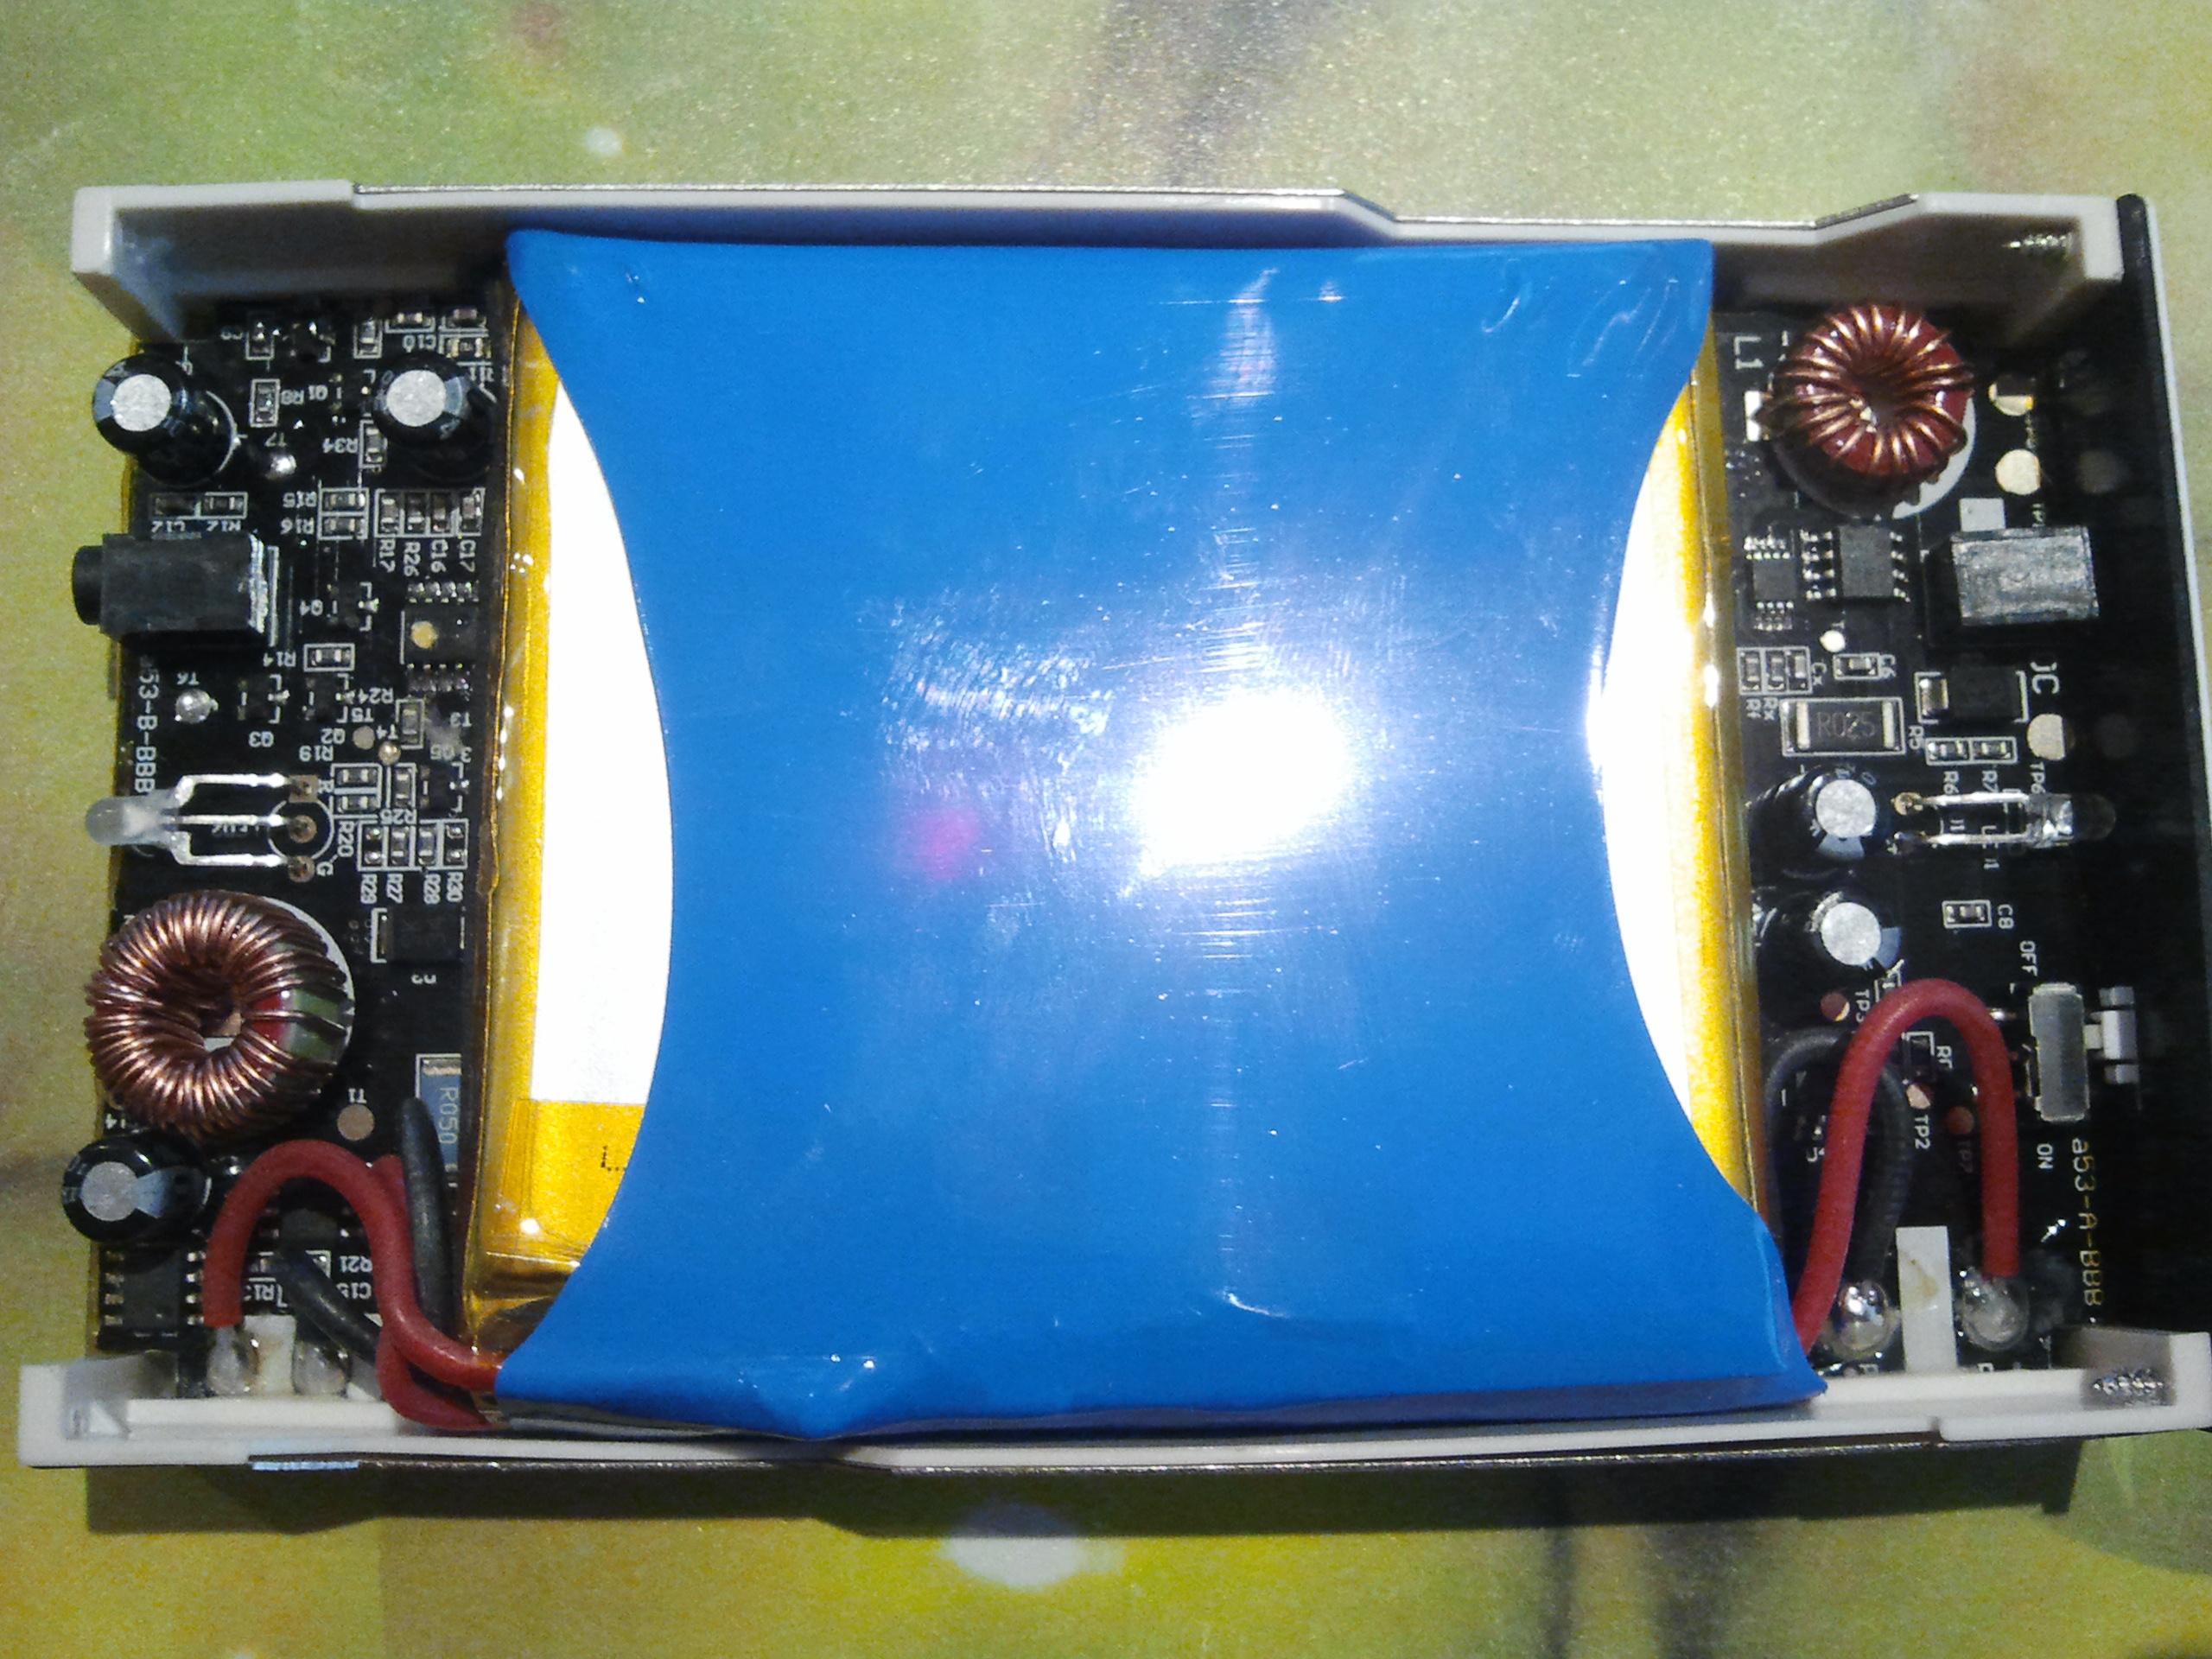 Akumulator CB1000 - Czy potrzebna �adowarka?